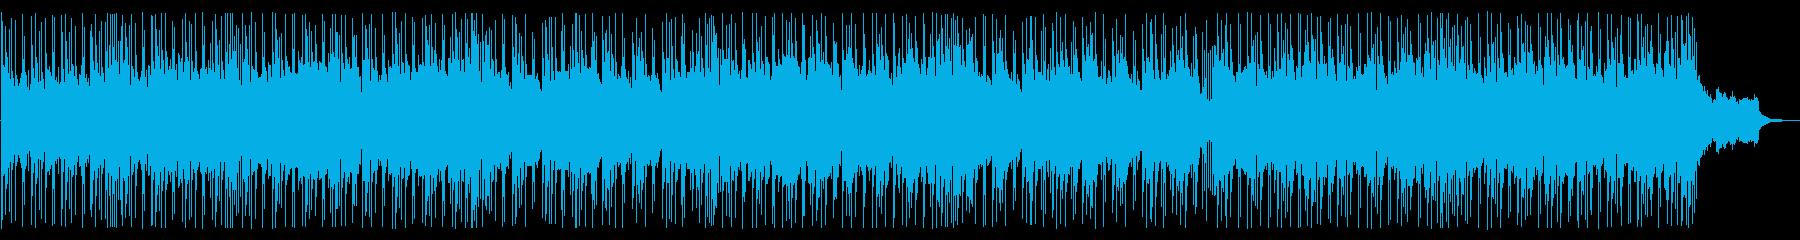 アコギのアルペジオ主体の定番的J-R&Bの再生済みの波形